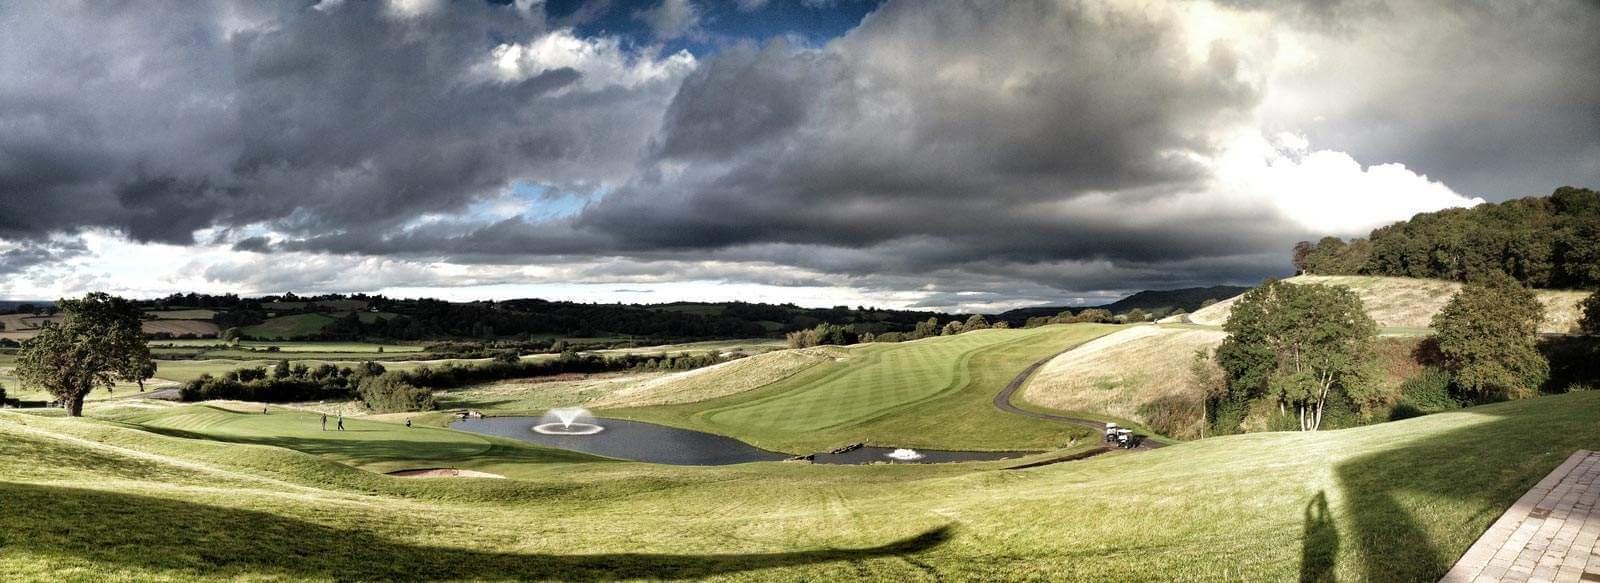 golfing breaks